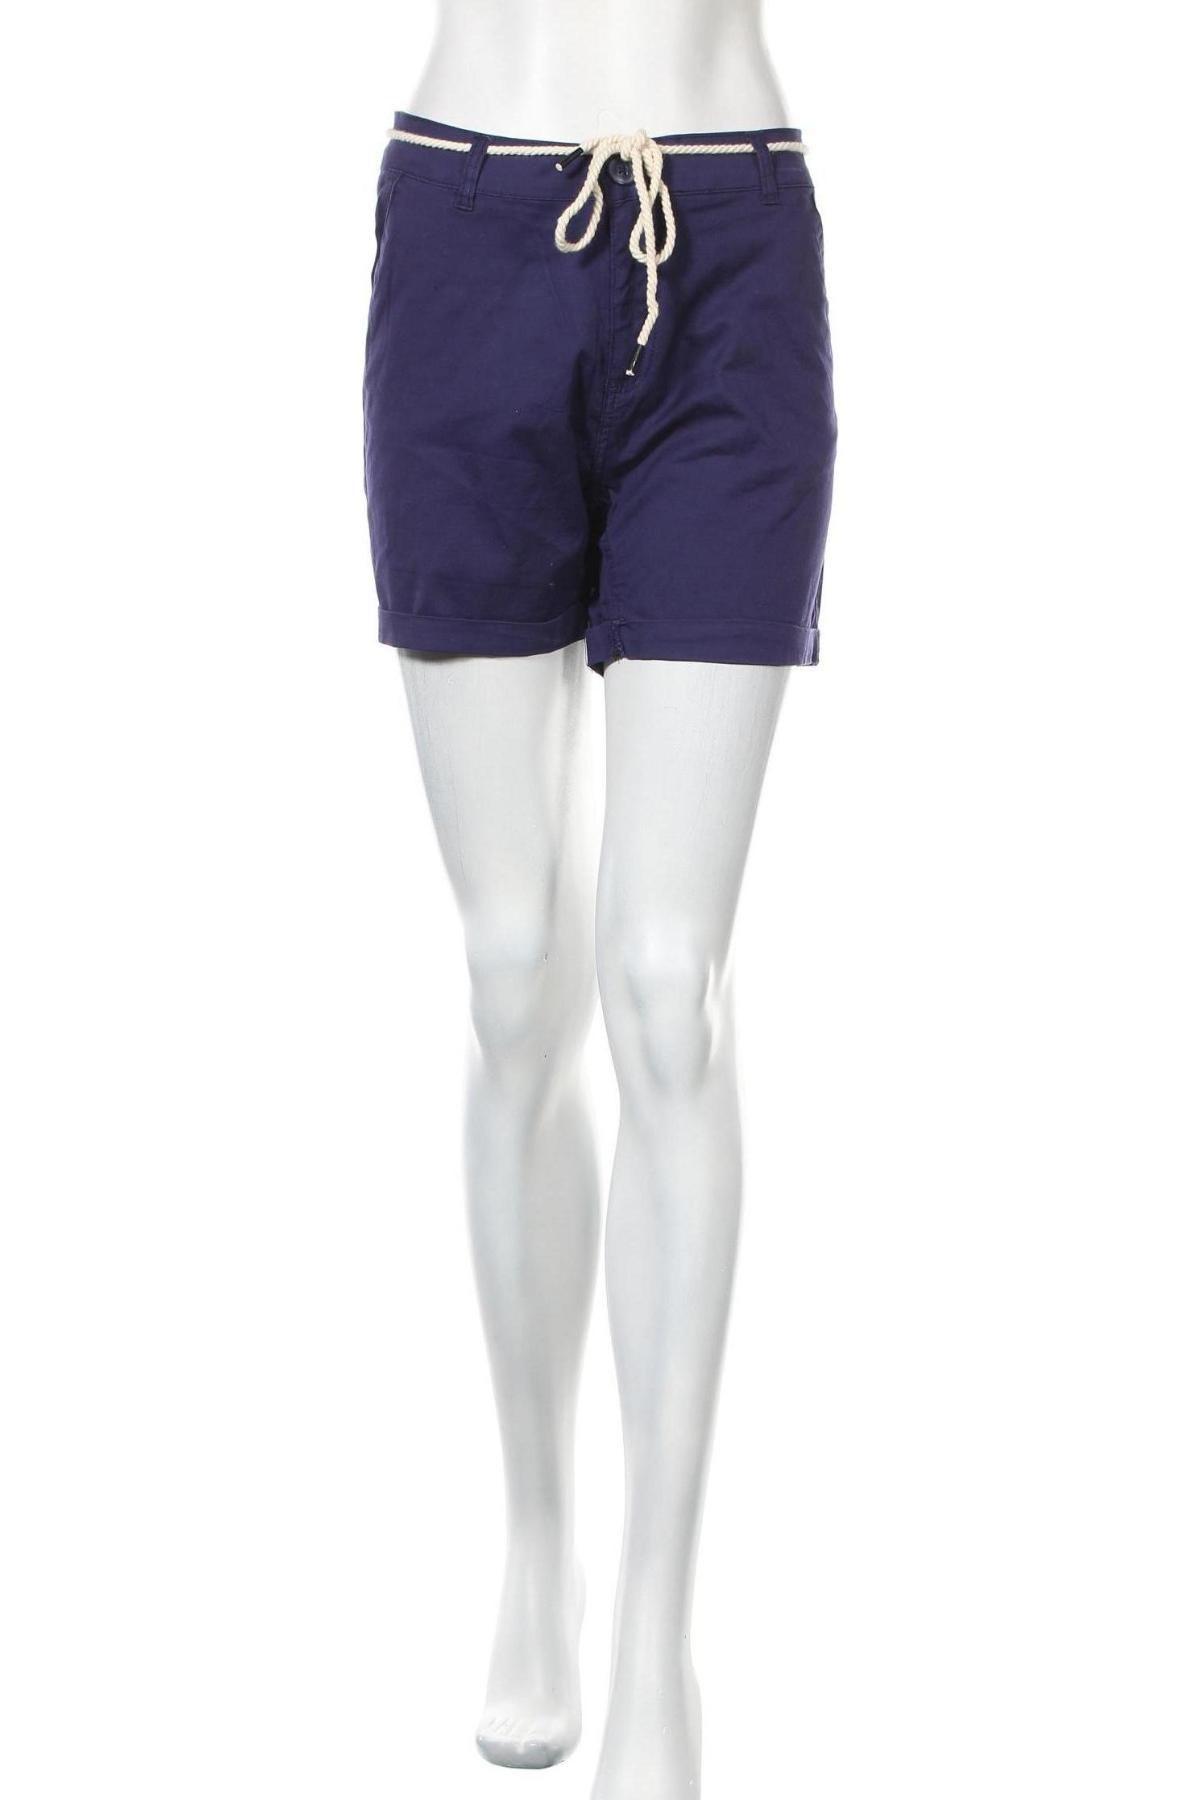 Γυναικείο κοντό παντελόνι Chillin, Μέγεθος M, Χρώμα Μπλέ, 98% βαμβάκι, 2% ελαστάνη, Τιμή 11,75€